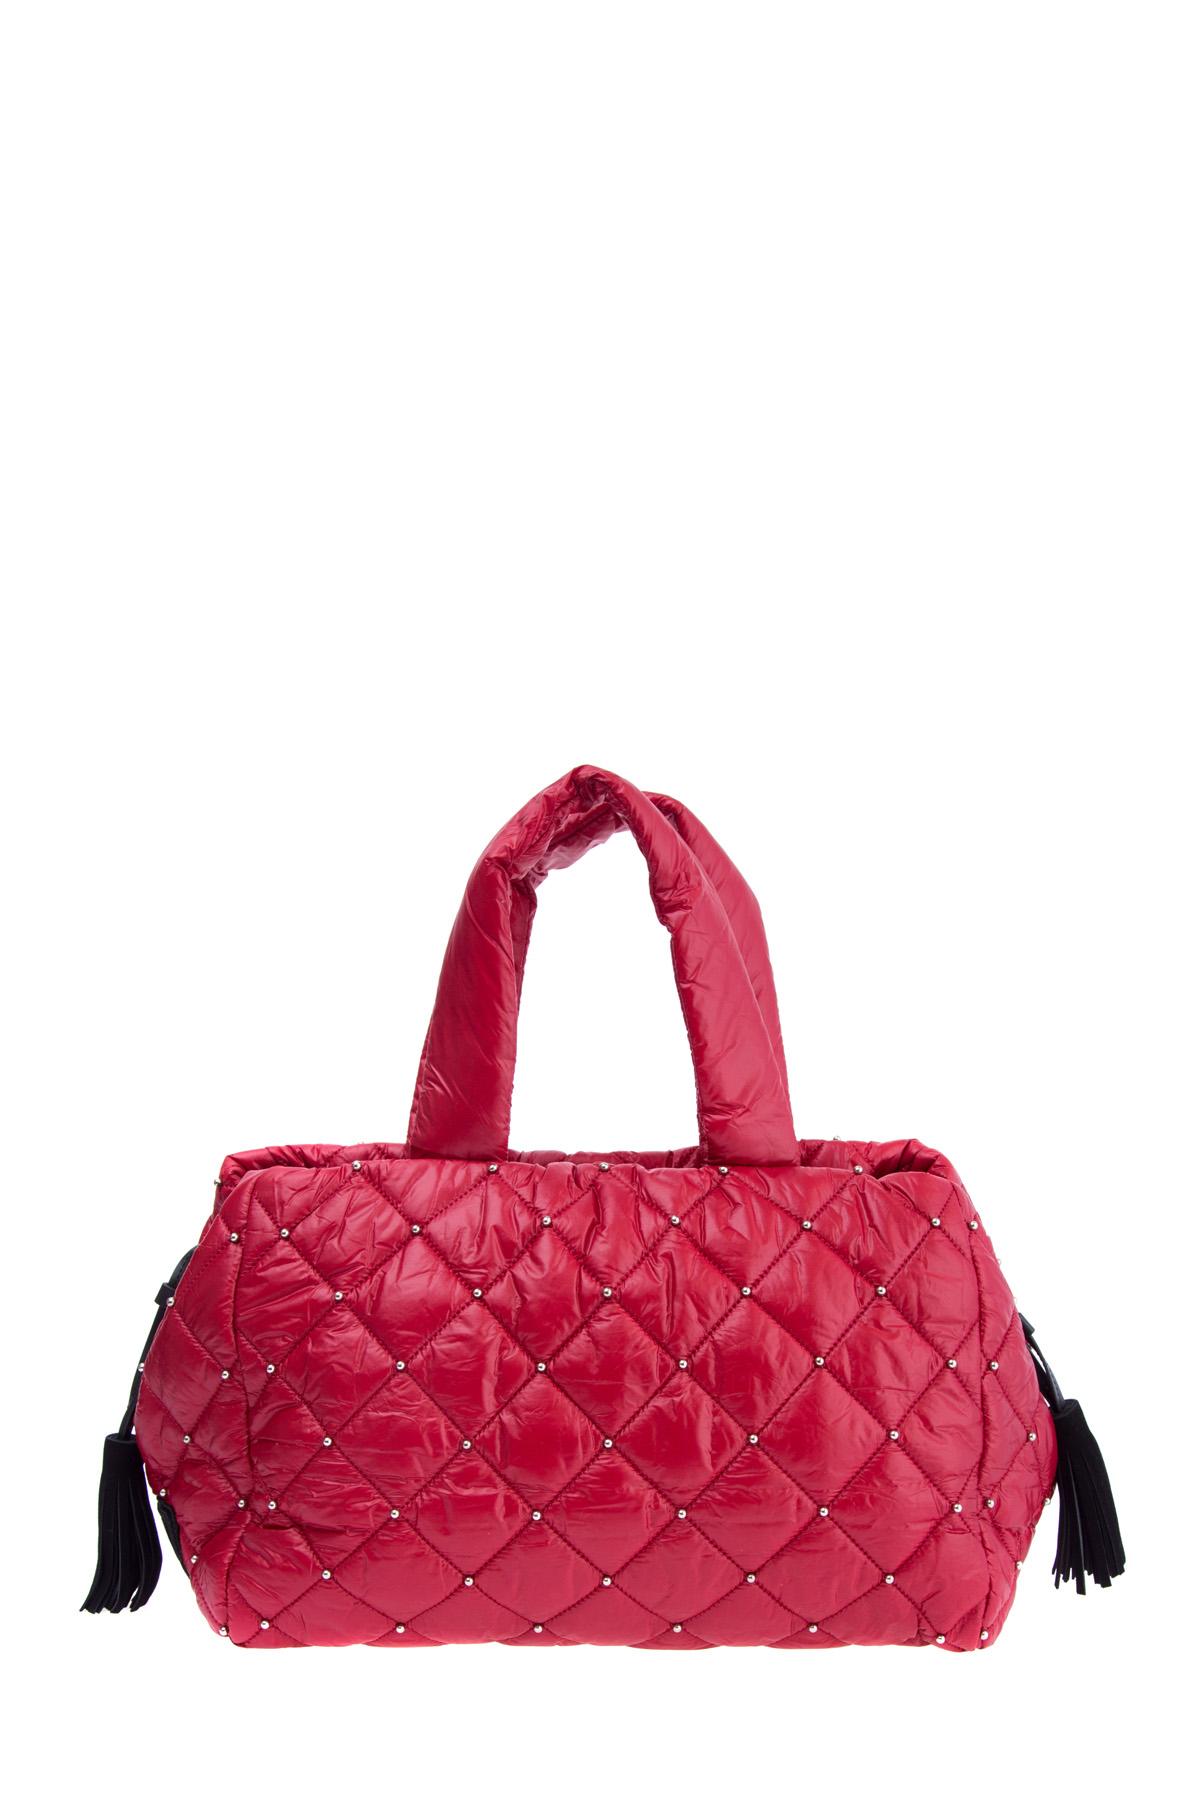 4cbc555beffb Женская сумка SONIA RYKIEL средние, цвет алый купить за 14500 руб. FW'  17/18 в интернет магазине Intermoda.